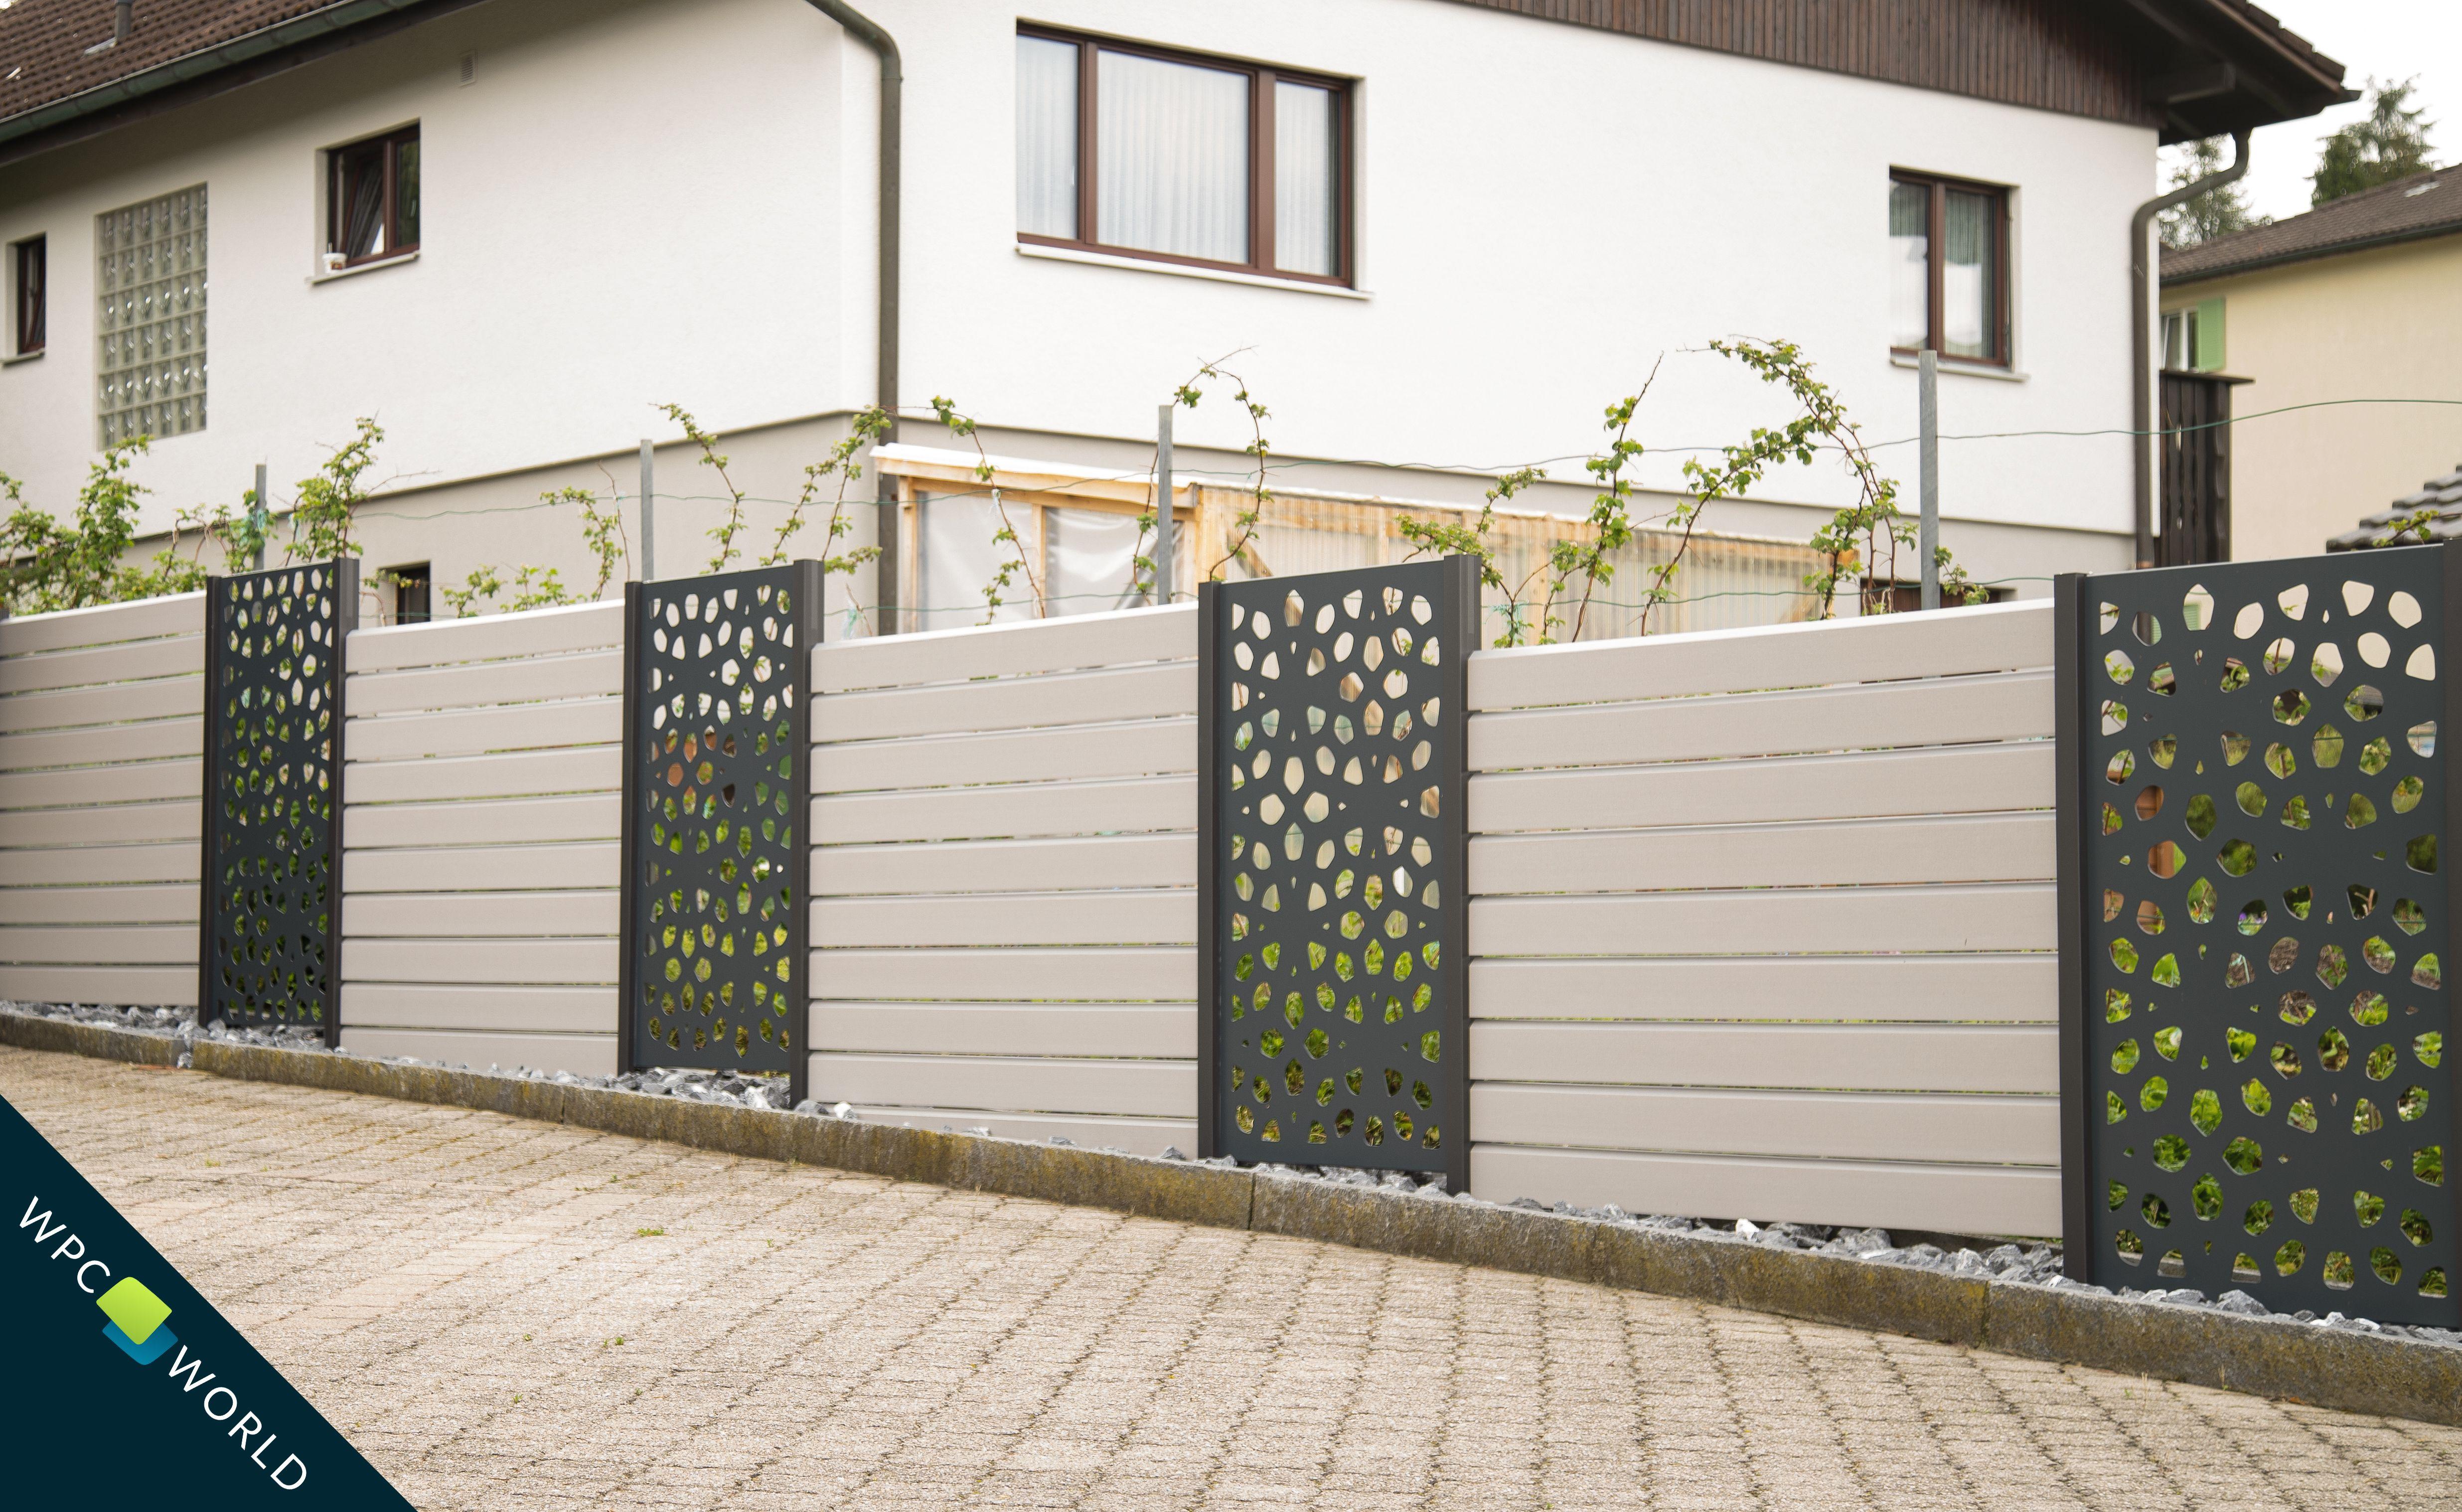 Wpc Sichtschutzsysteme Fur Haus Und Garten Designelemente Modernes Zaun Design Sichtschutzelemente Sichtschutz Garten Zaun